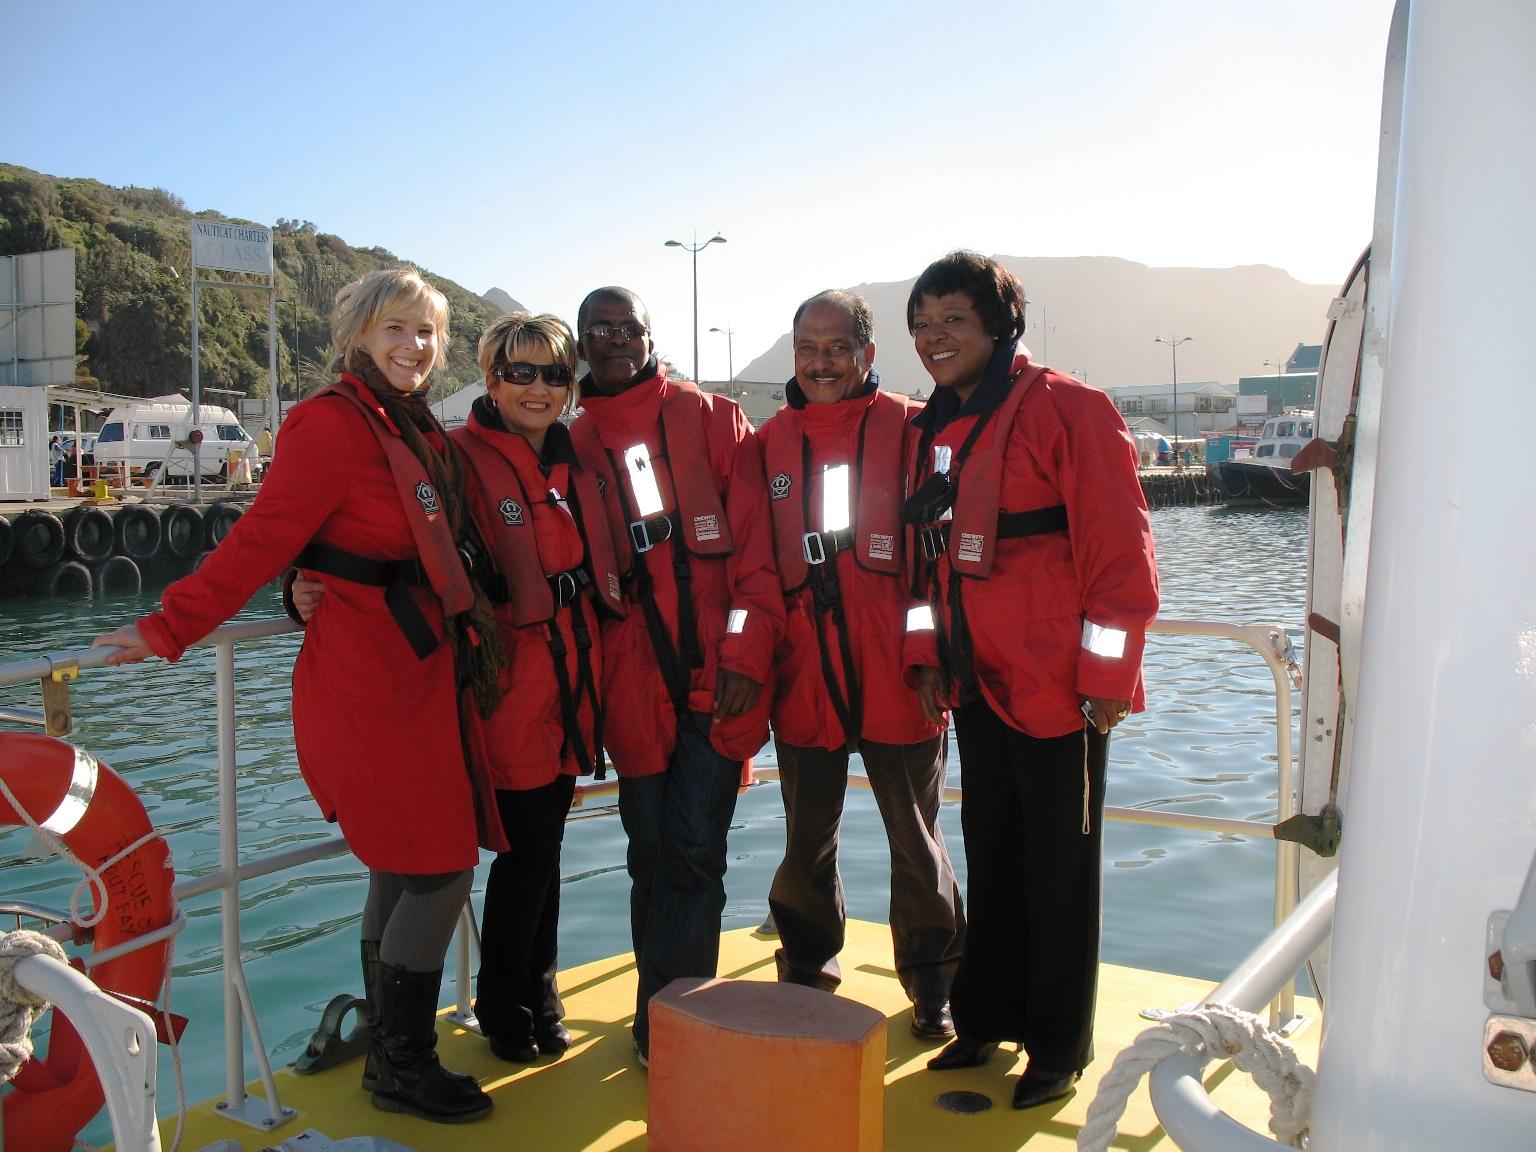 Laura Du Preez of NSRI with the De Beers team.